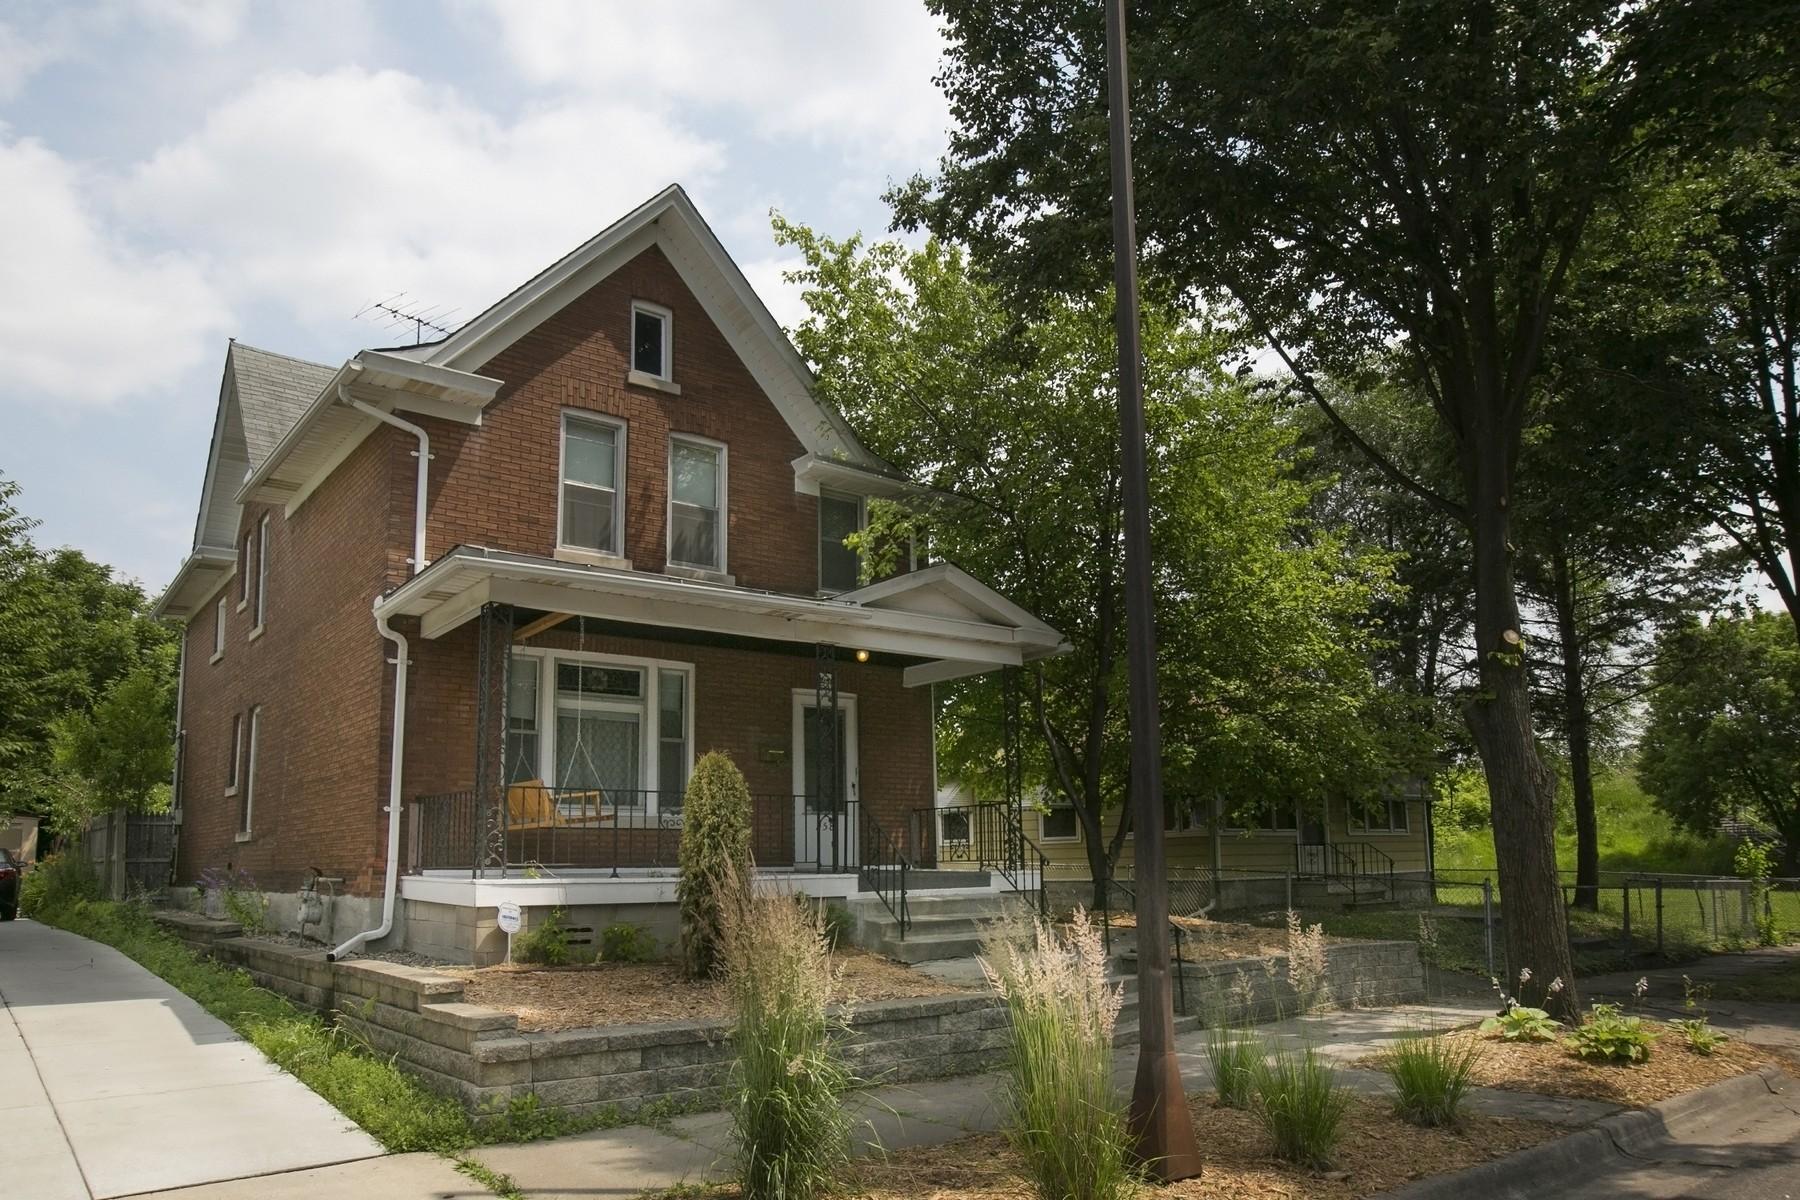 Maison unifamiliale pour l Vente à 258 Colborne Street St. Paul, Minnesota 55102 États-Unis